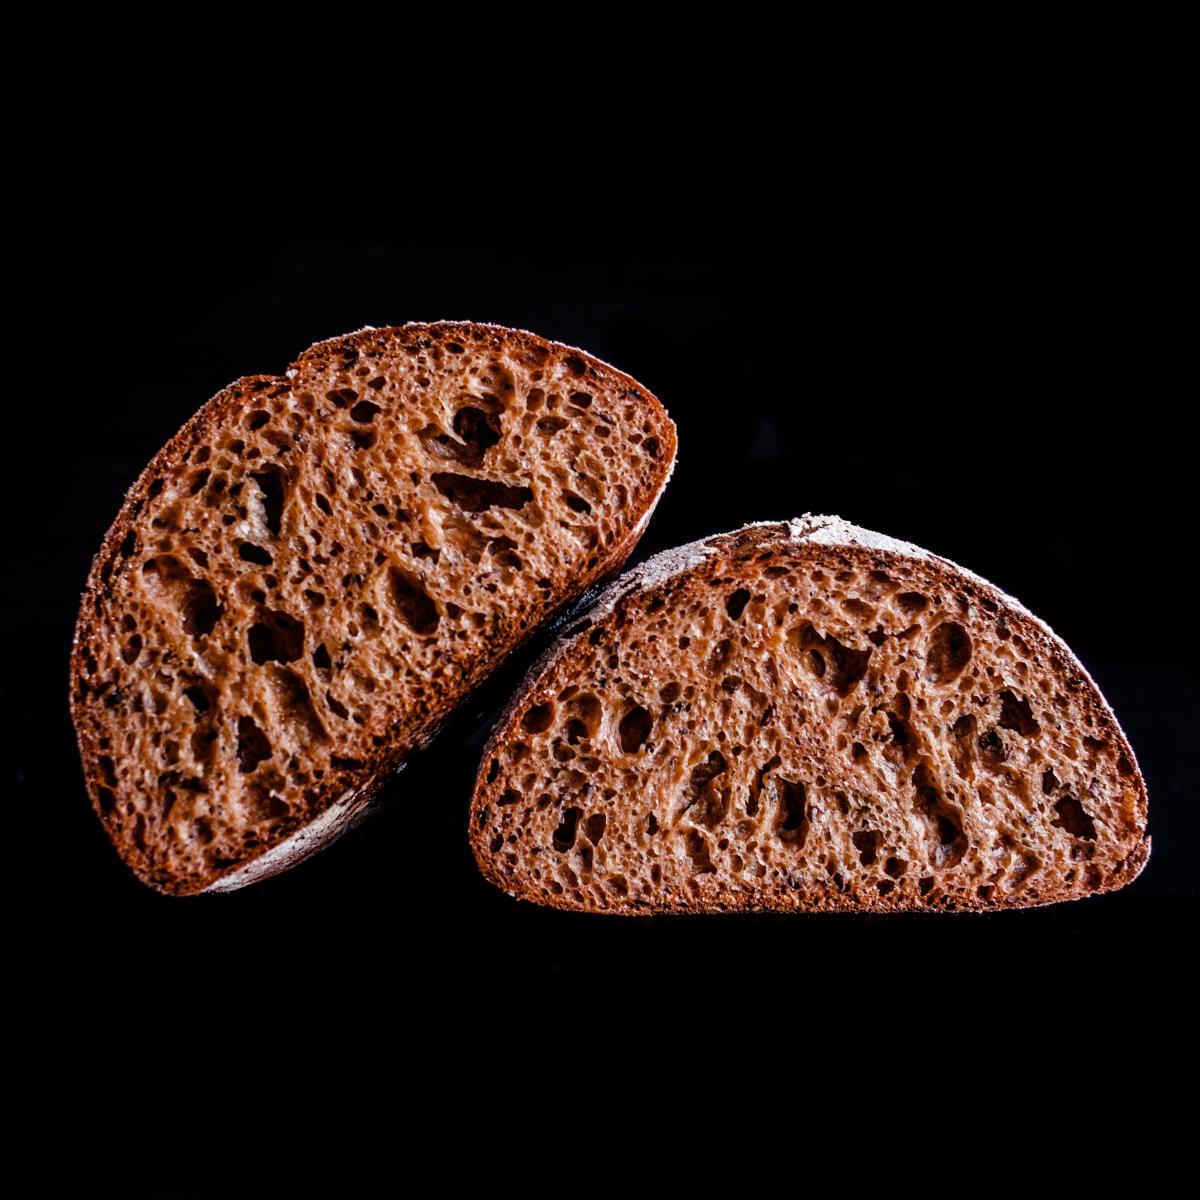 Aera Brot Berlin - Rote Bete Brot